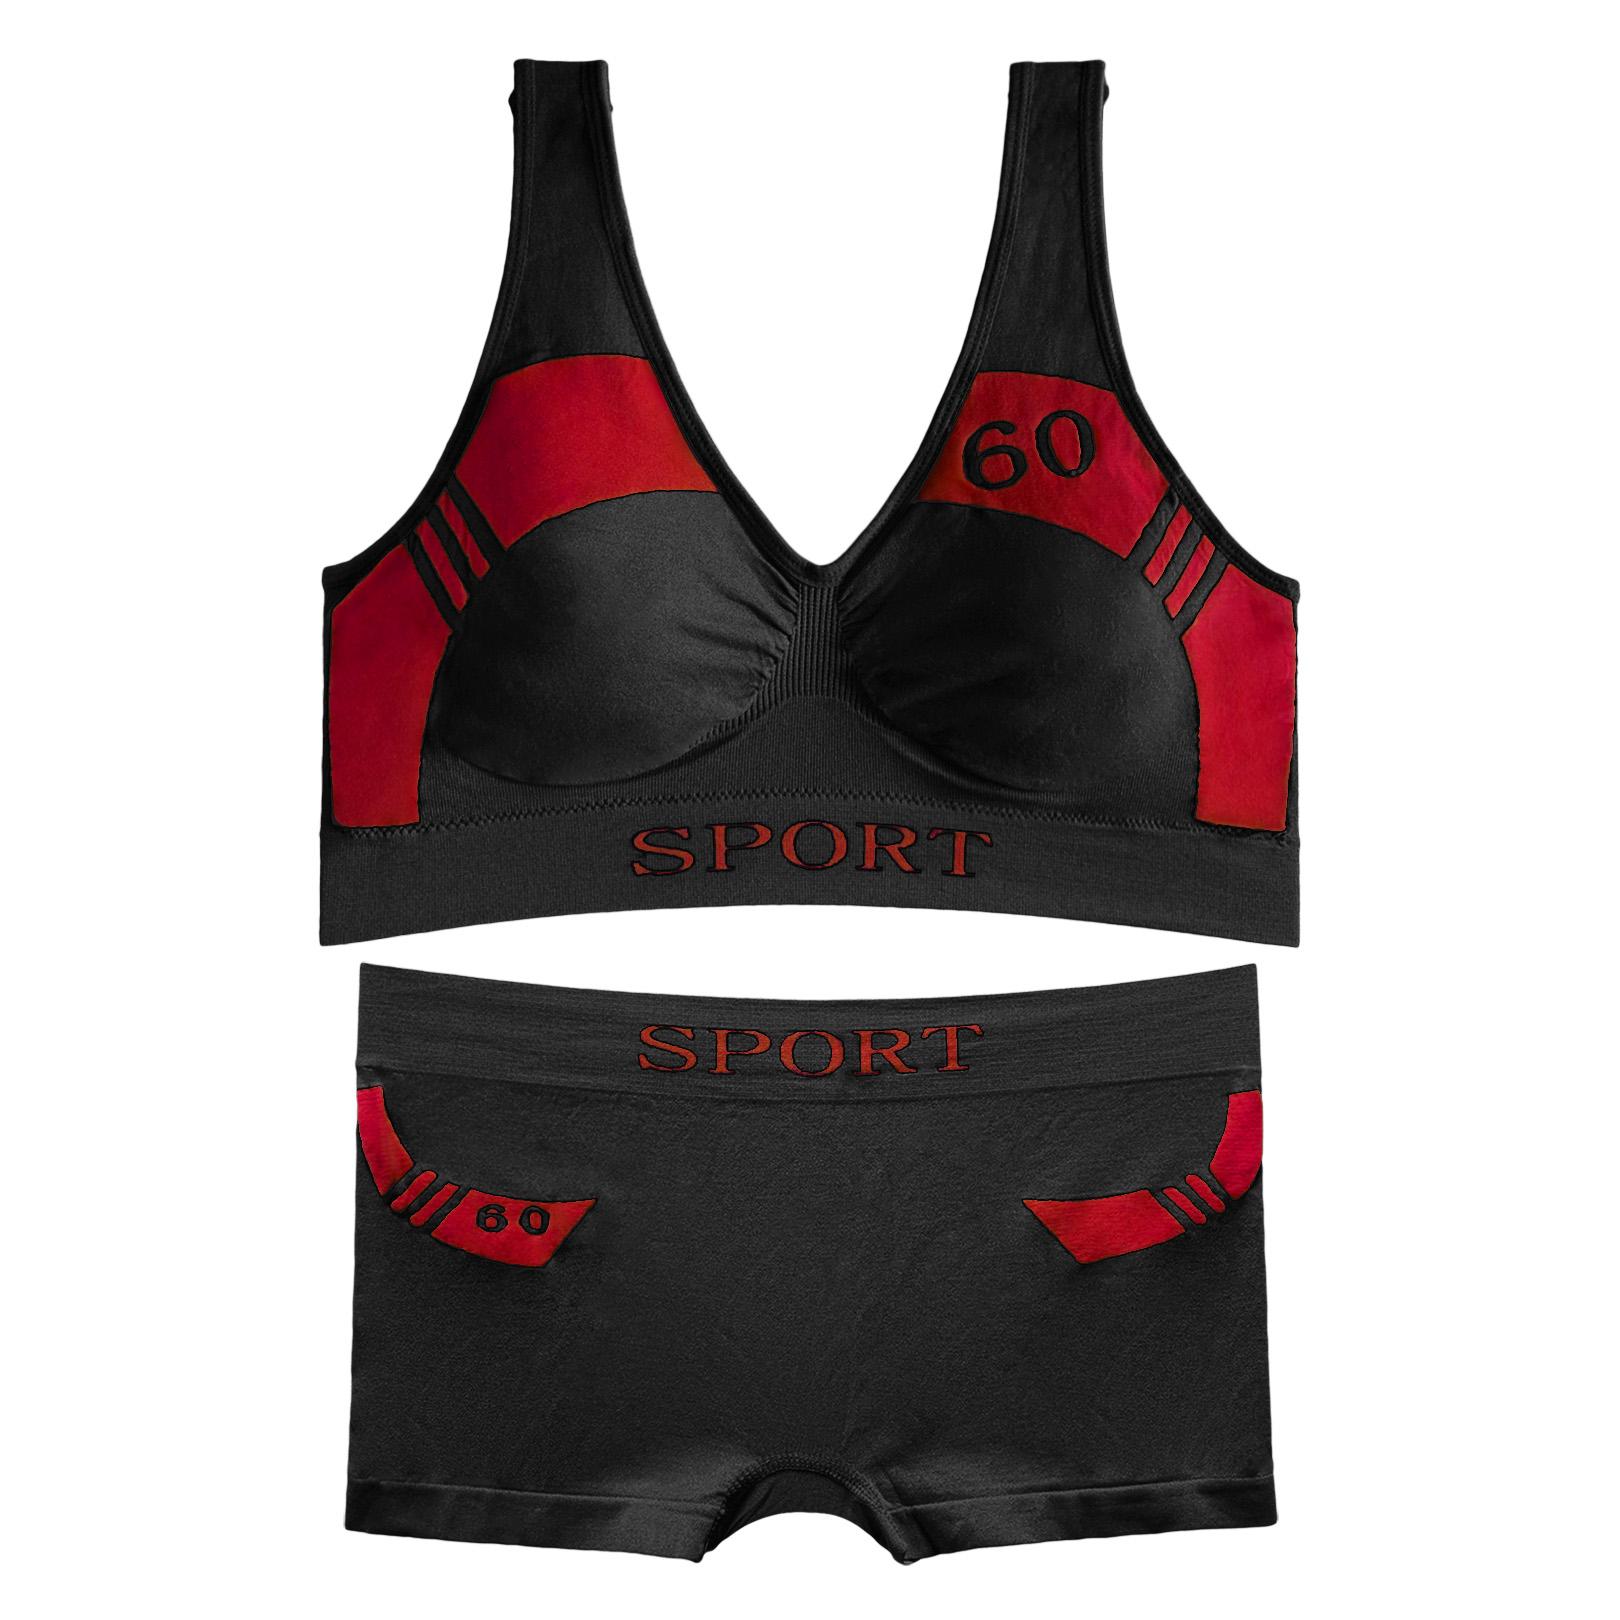 ست نیم تنه و شورت ورزشی زنانه کد 01-88831 رنگ مشکی